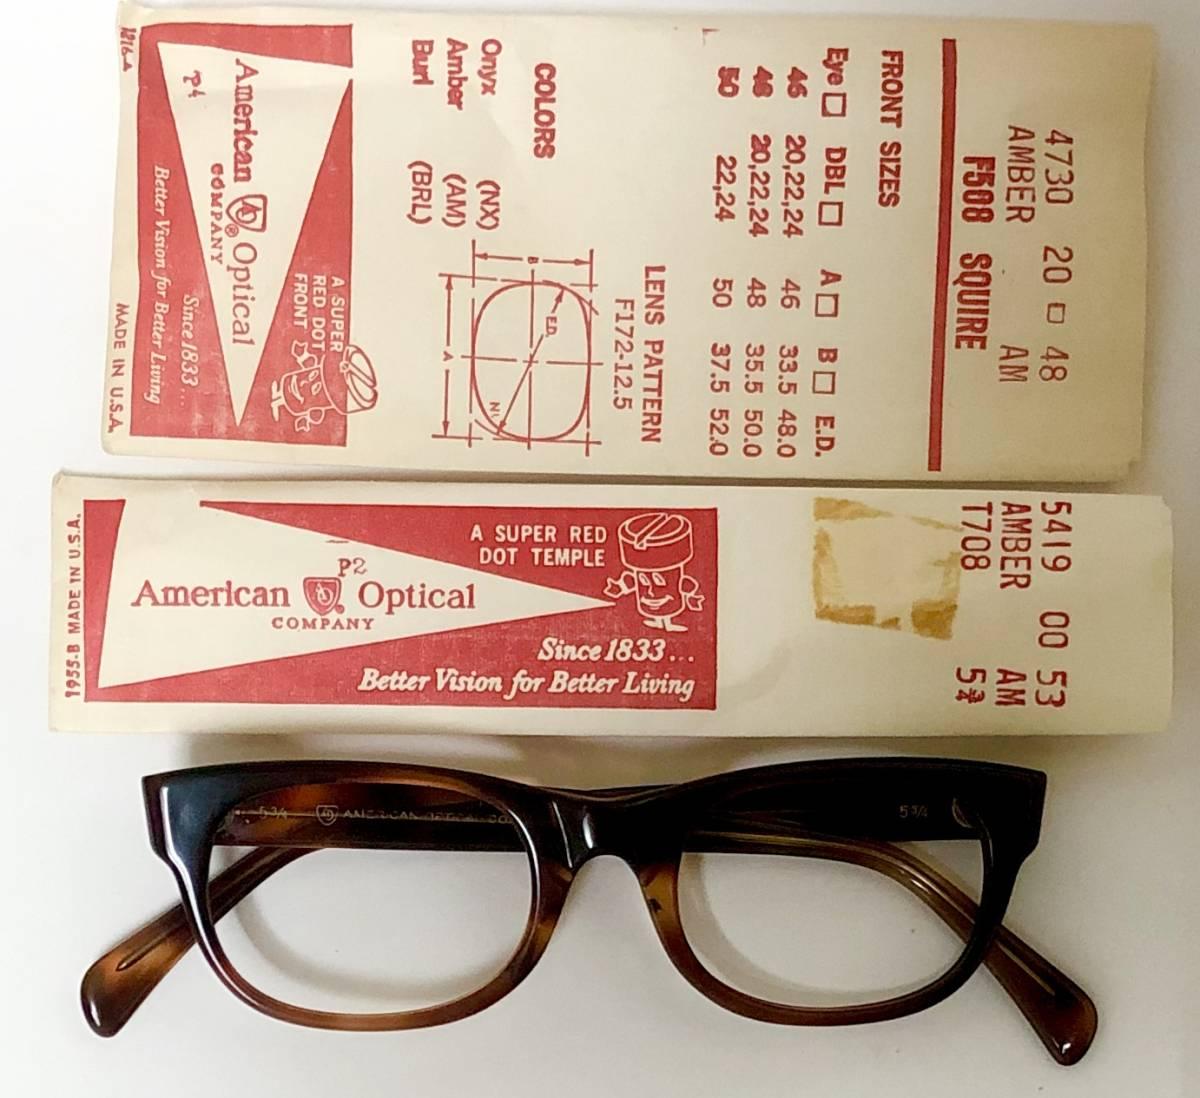 新品・1960年代頃】アメリカンオプティカル AO All純正 メガネ American Optical アンバー 米国製 ビンテージ ヴィンテージ _画像1